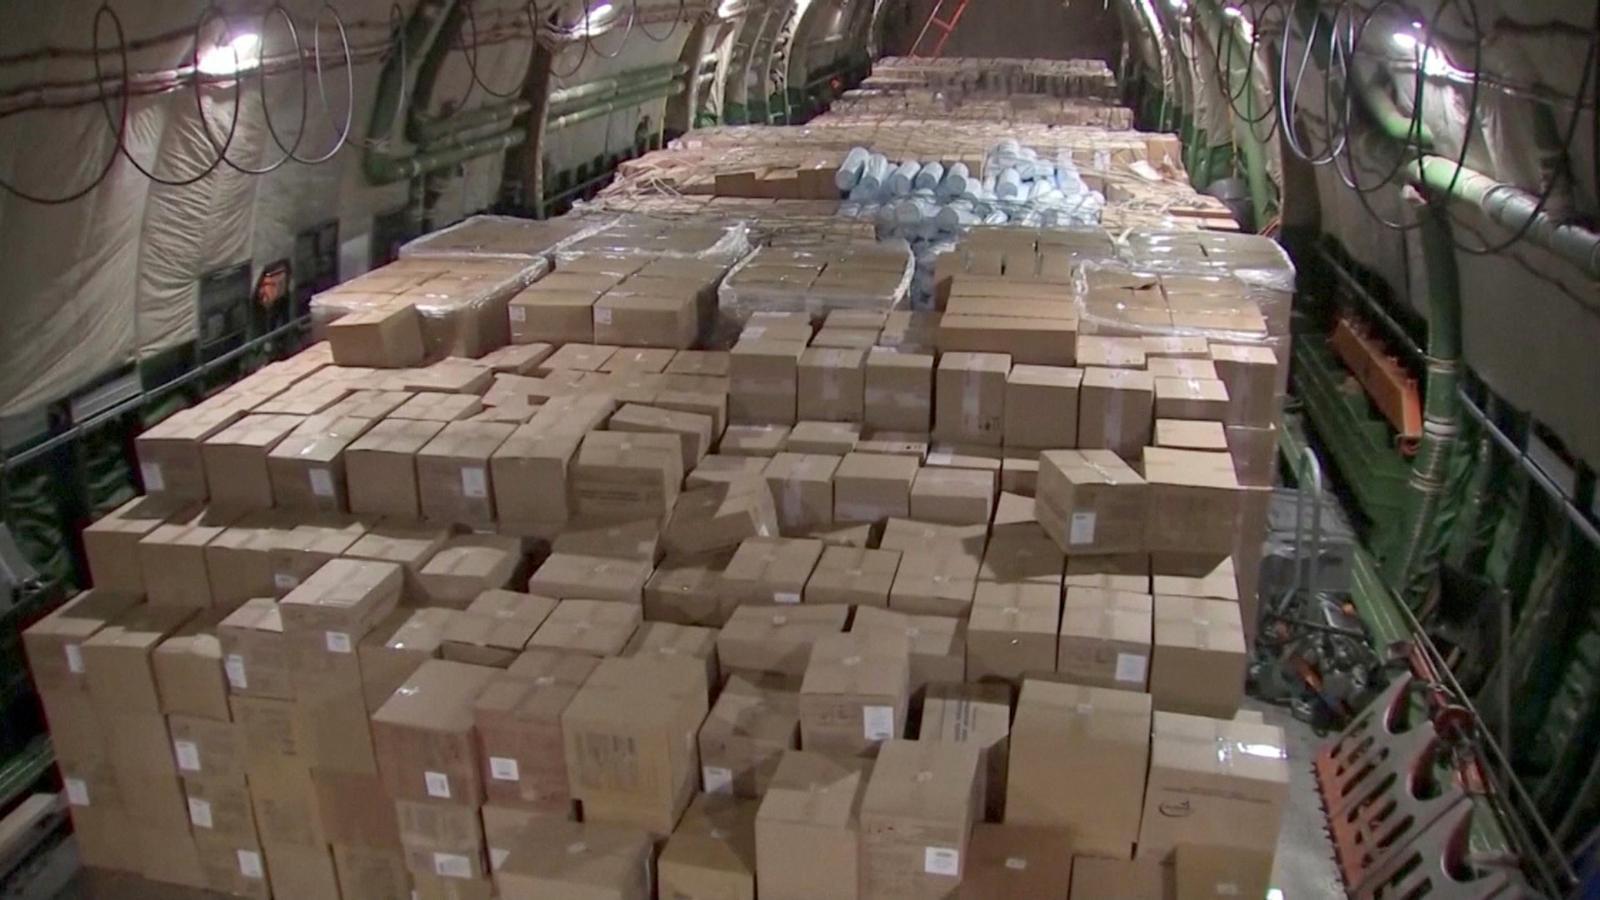 Material sanitari, que inclou mascaretes, en un avió rus arribat als Estats Units.